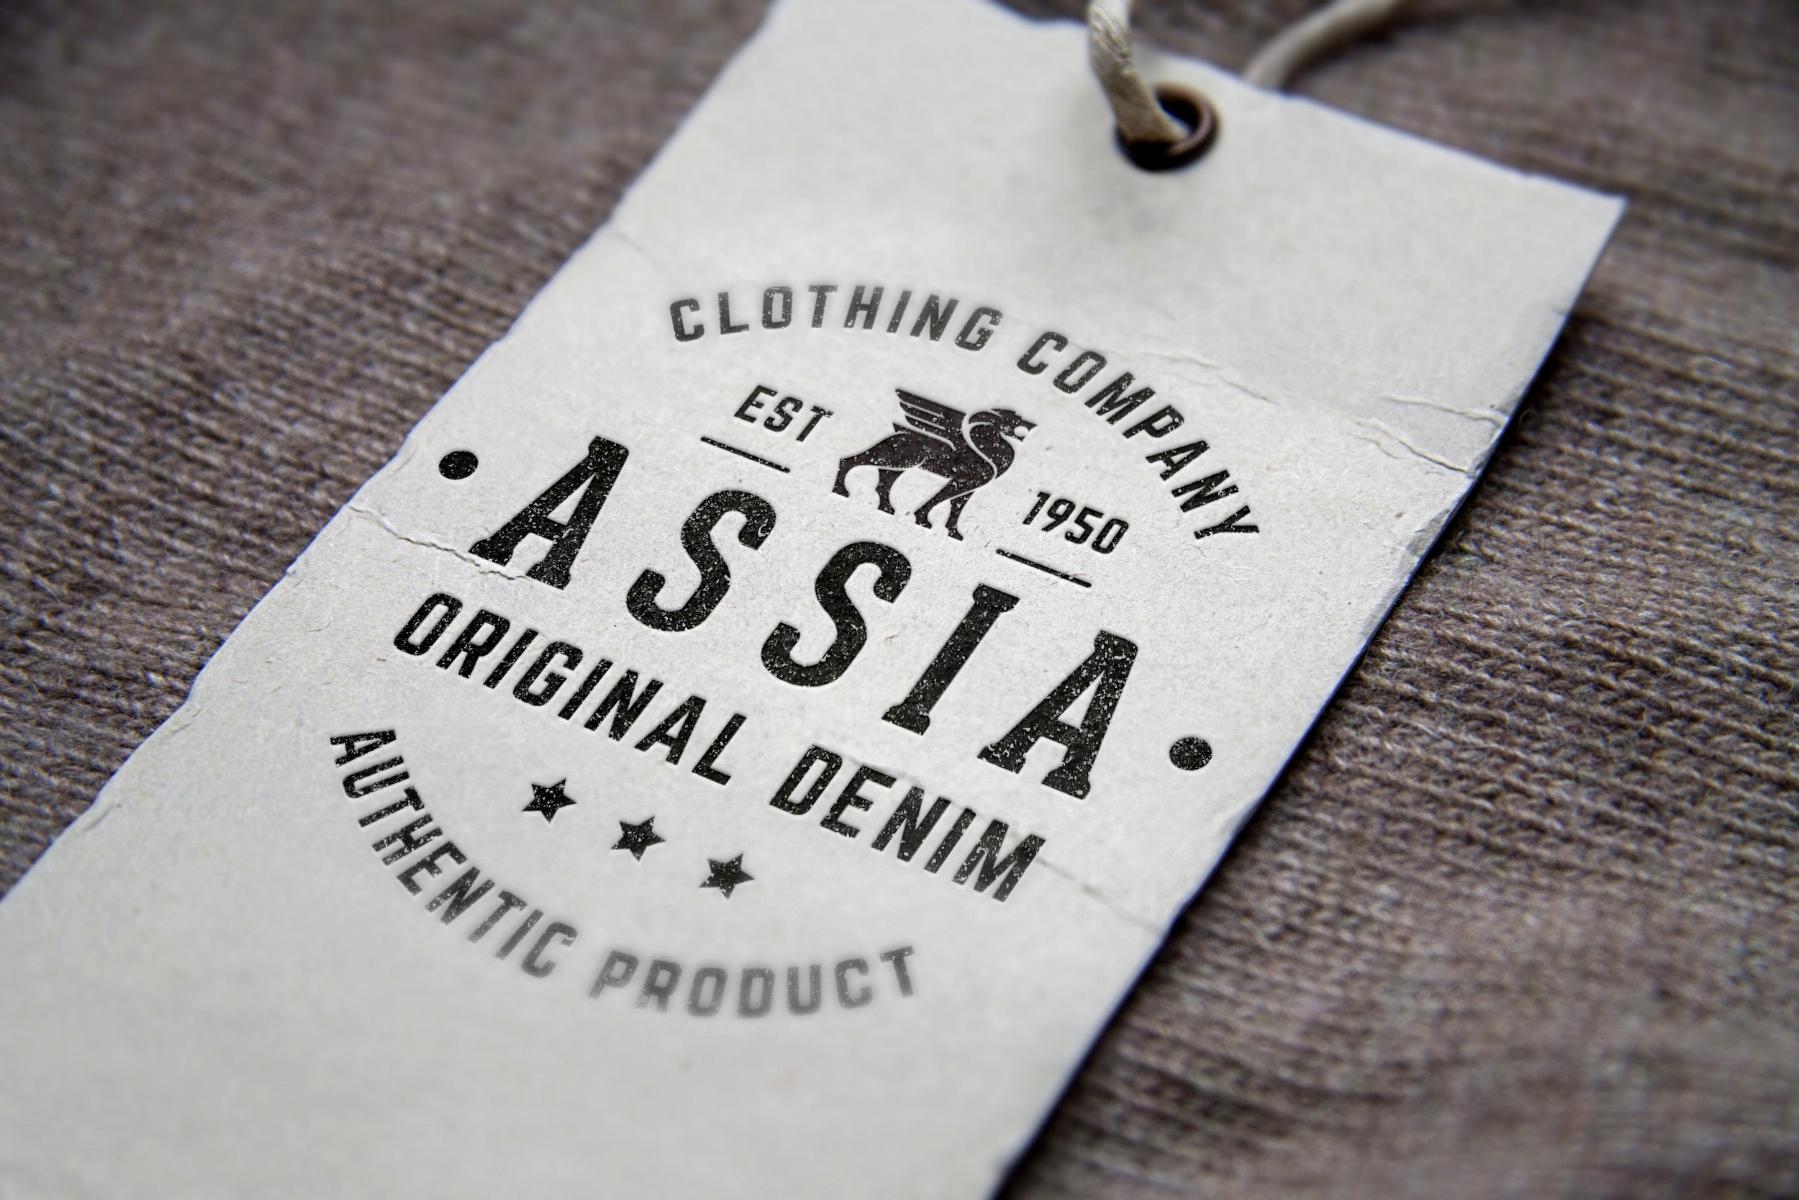 Assia Original Denim label